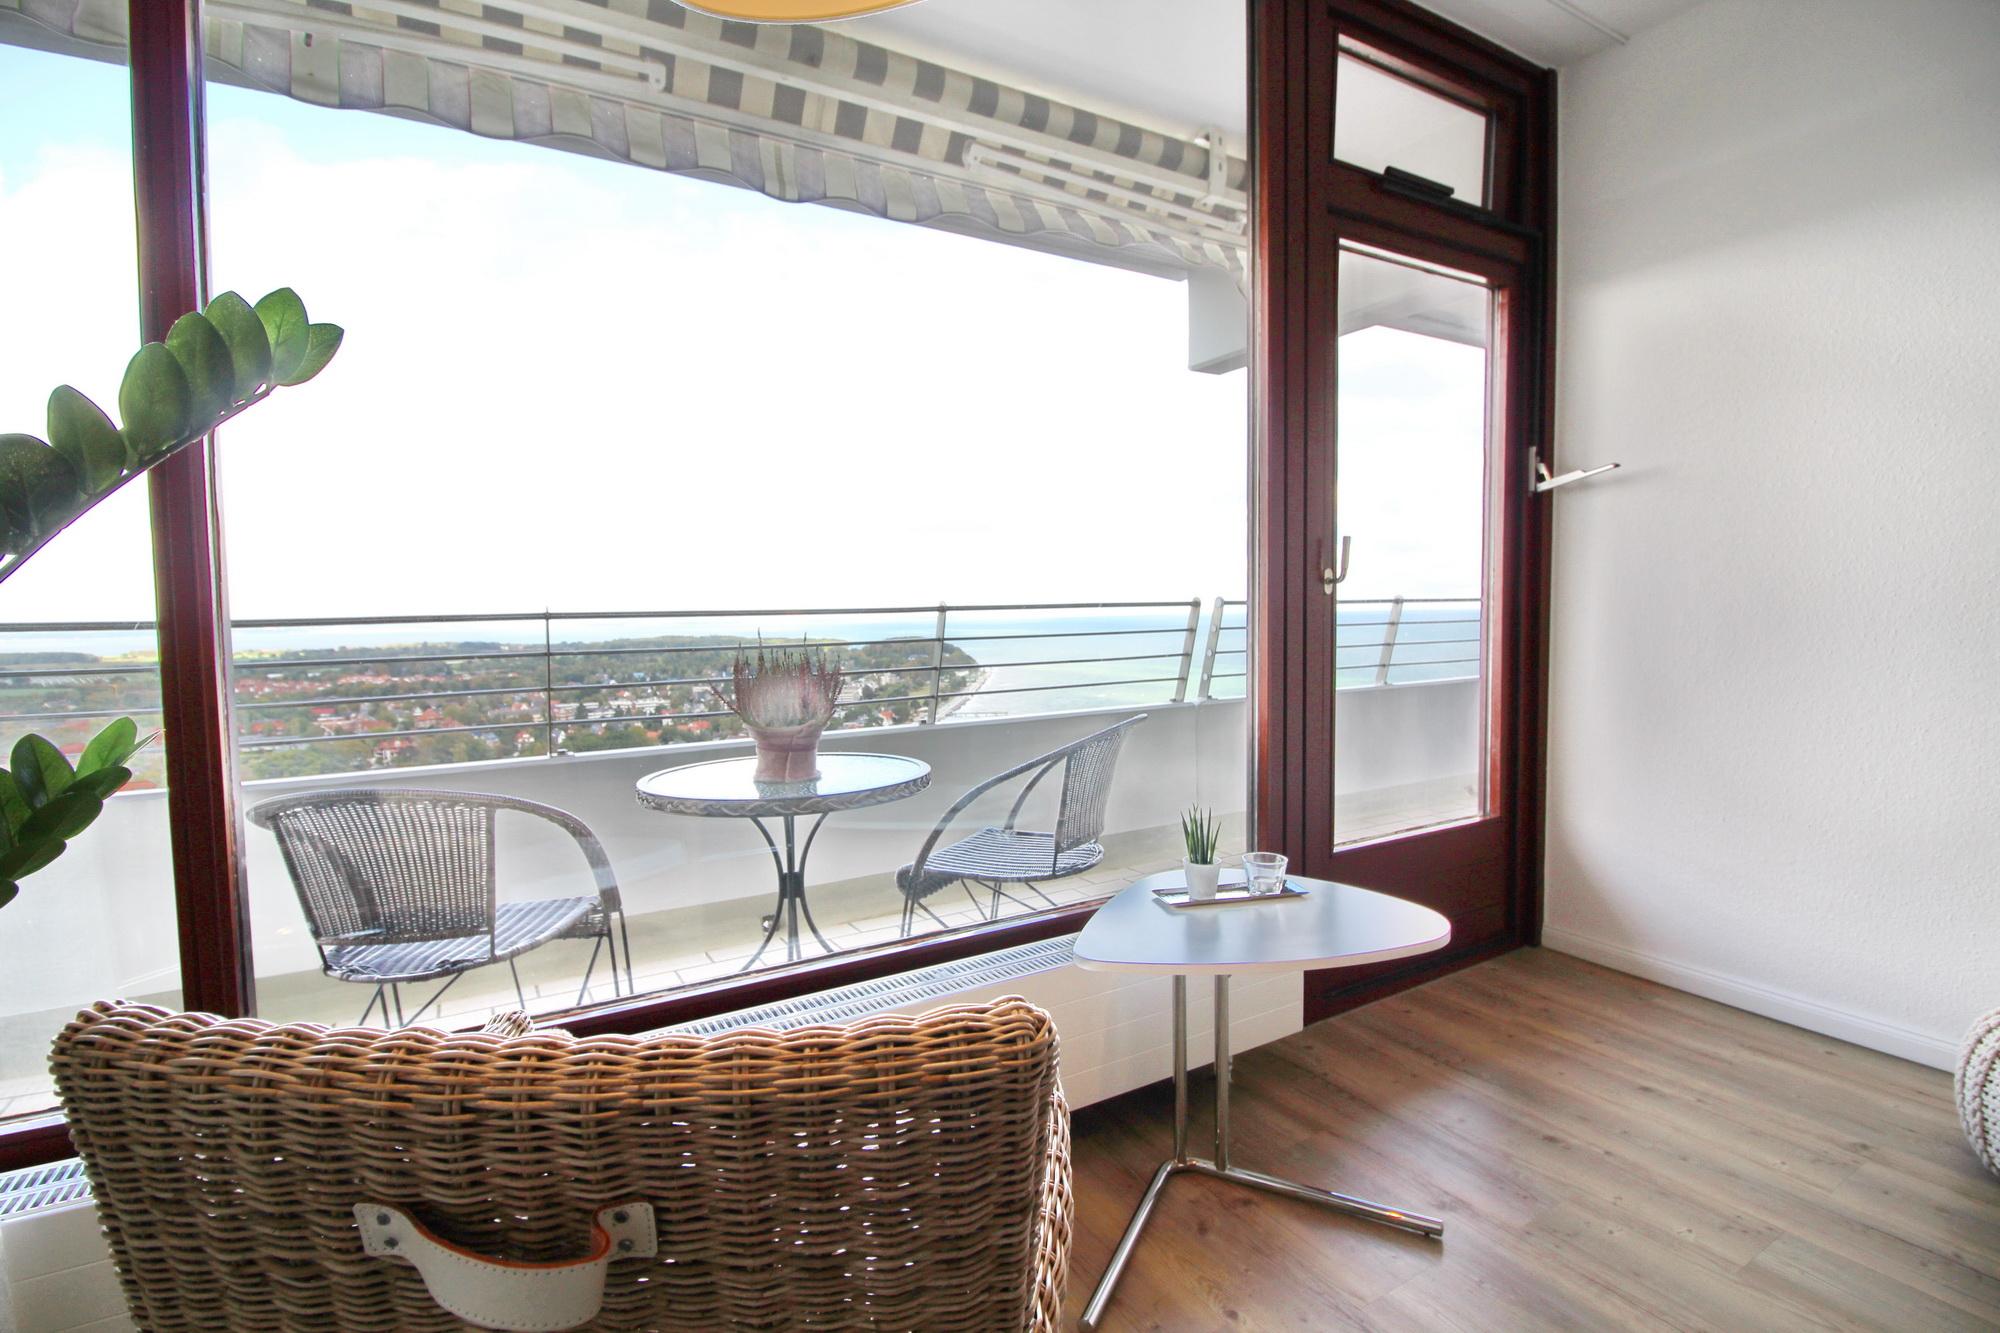 einrichtungsberatung f r eine 2 zimmer ferienwohnung in l beck travem nde. Black Bedroom Furniture Sets. Home Design Ideas